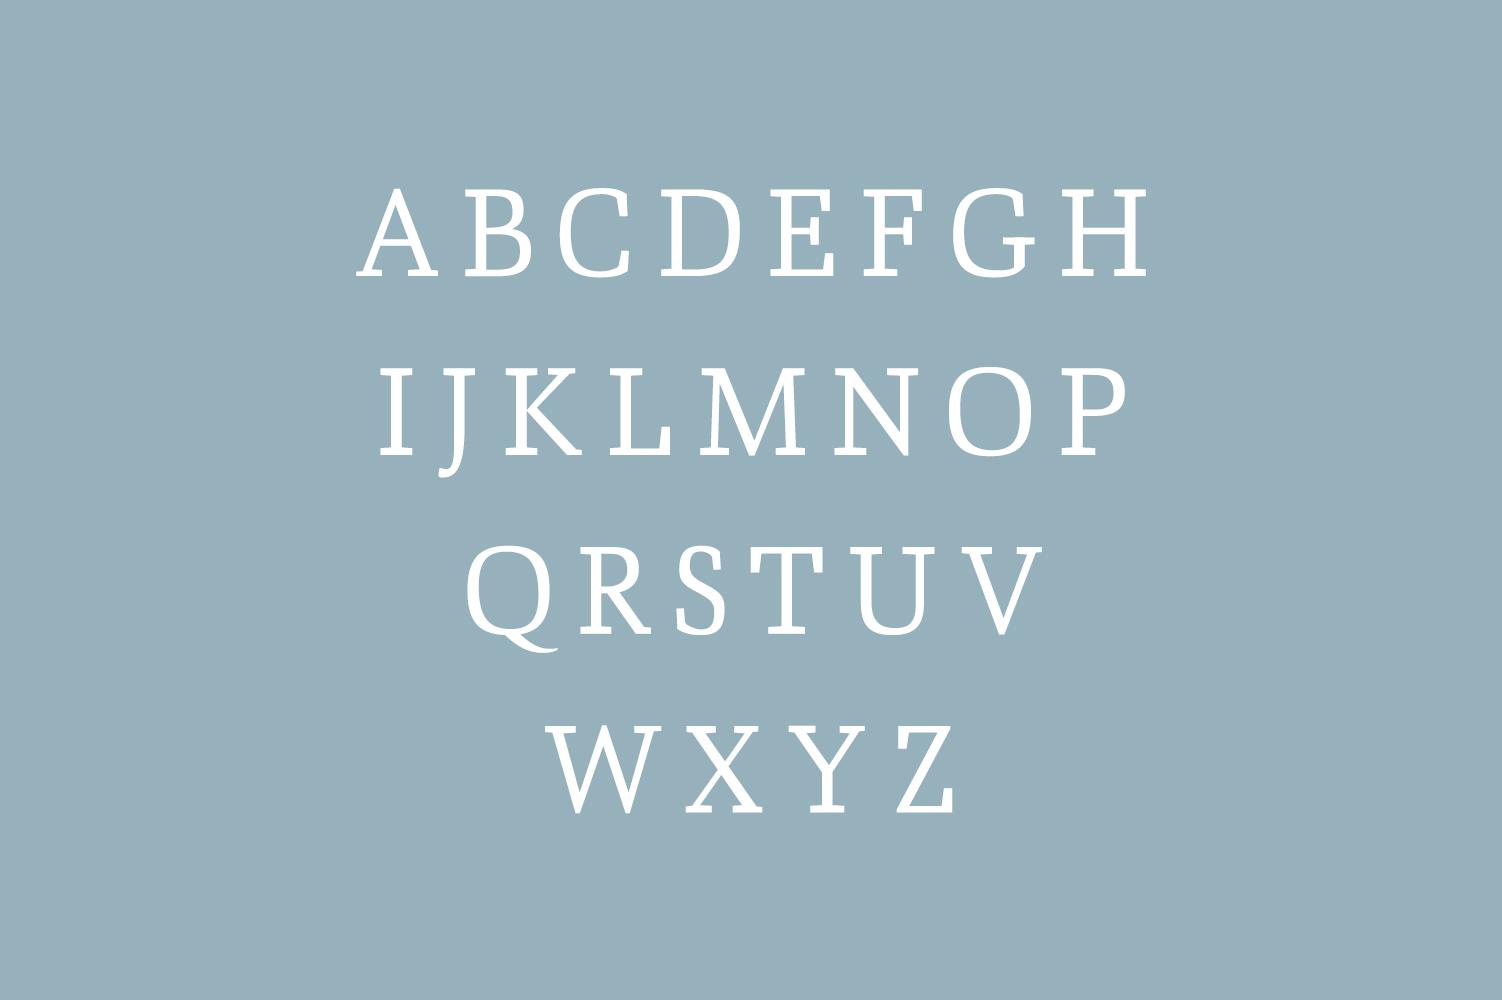 Ailish Slab Serif 3 Font Family example image 2